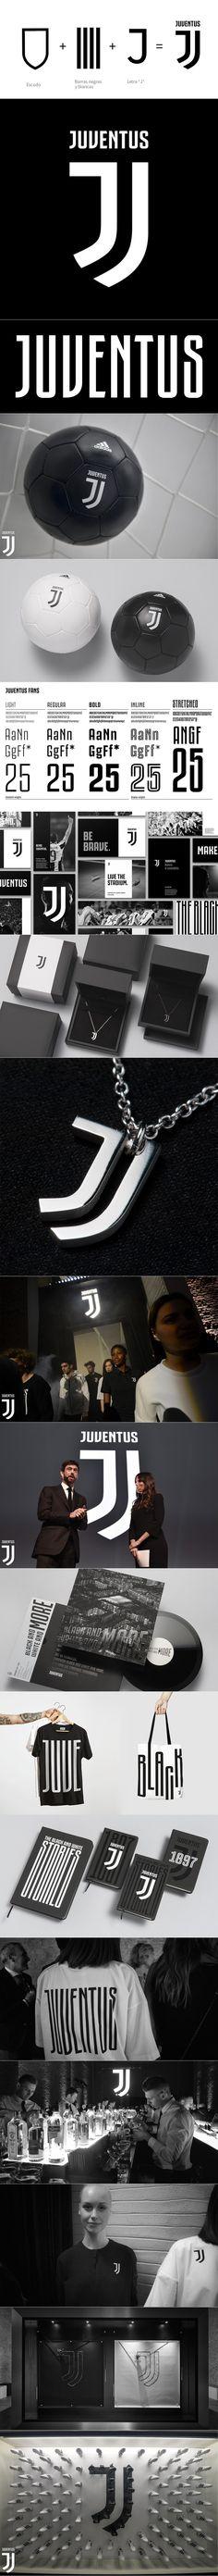 Juventus branding by Interbrand (Milan Office)